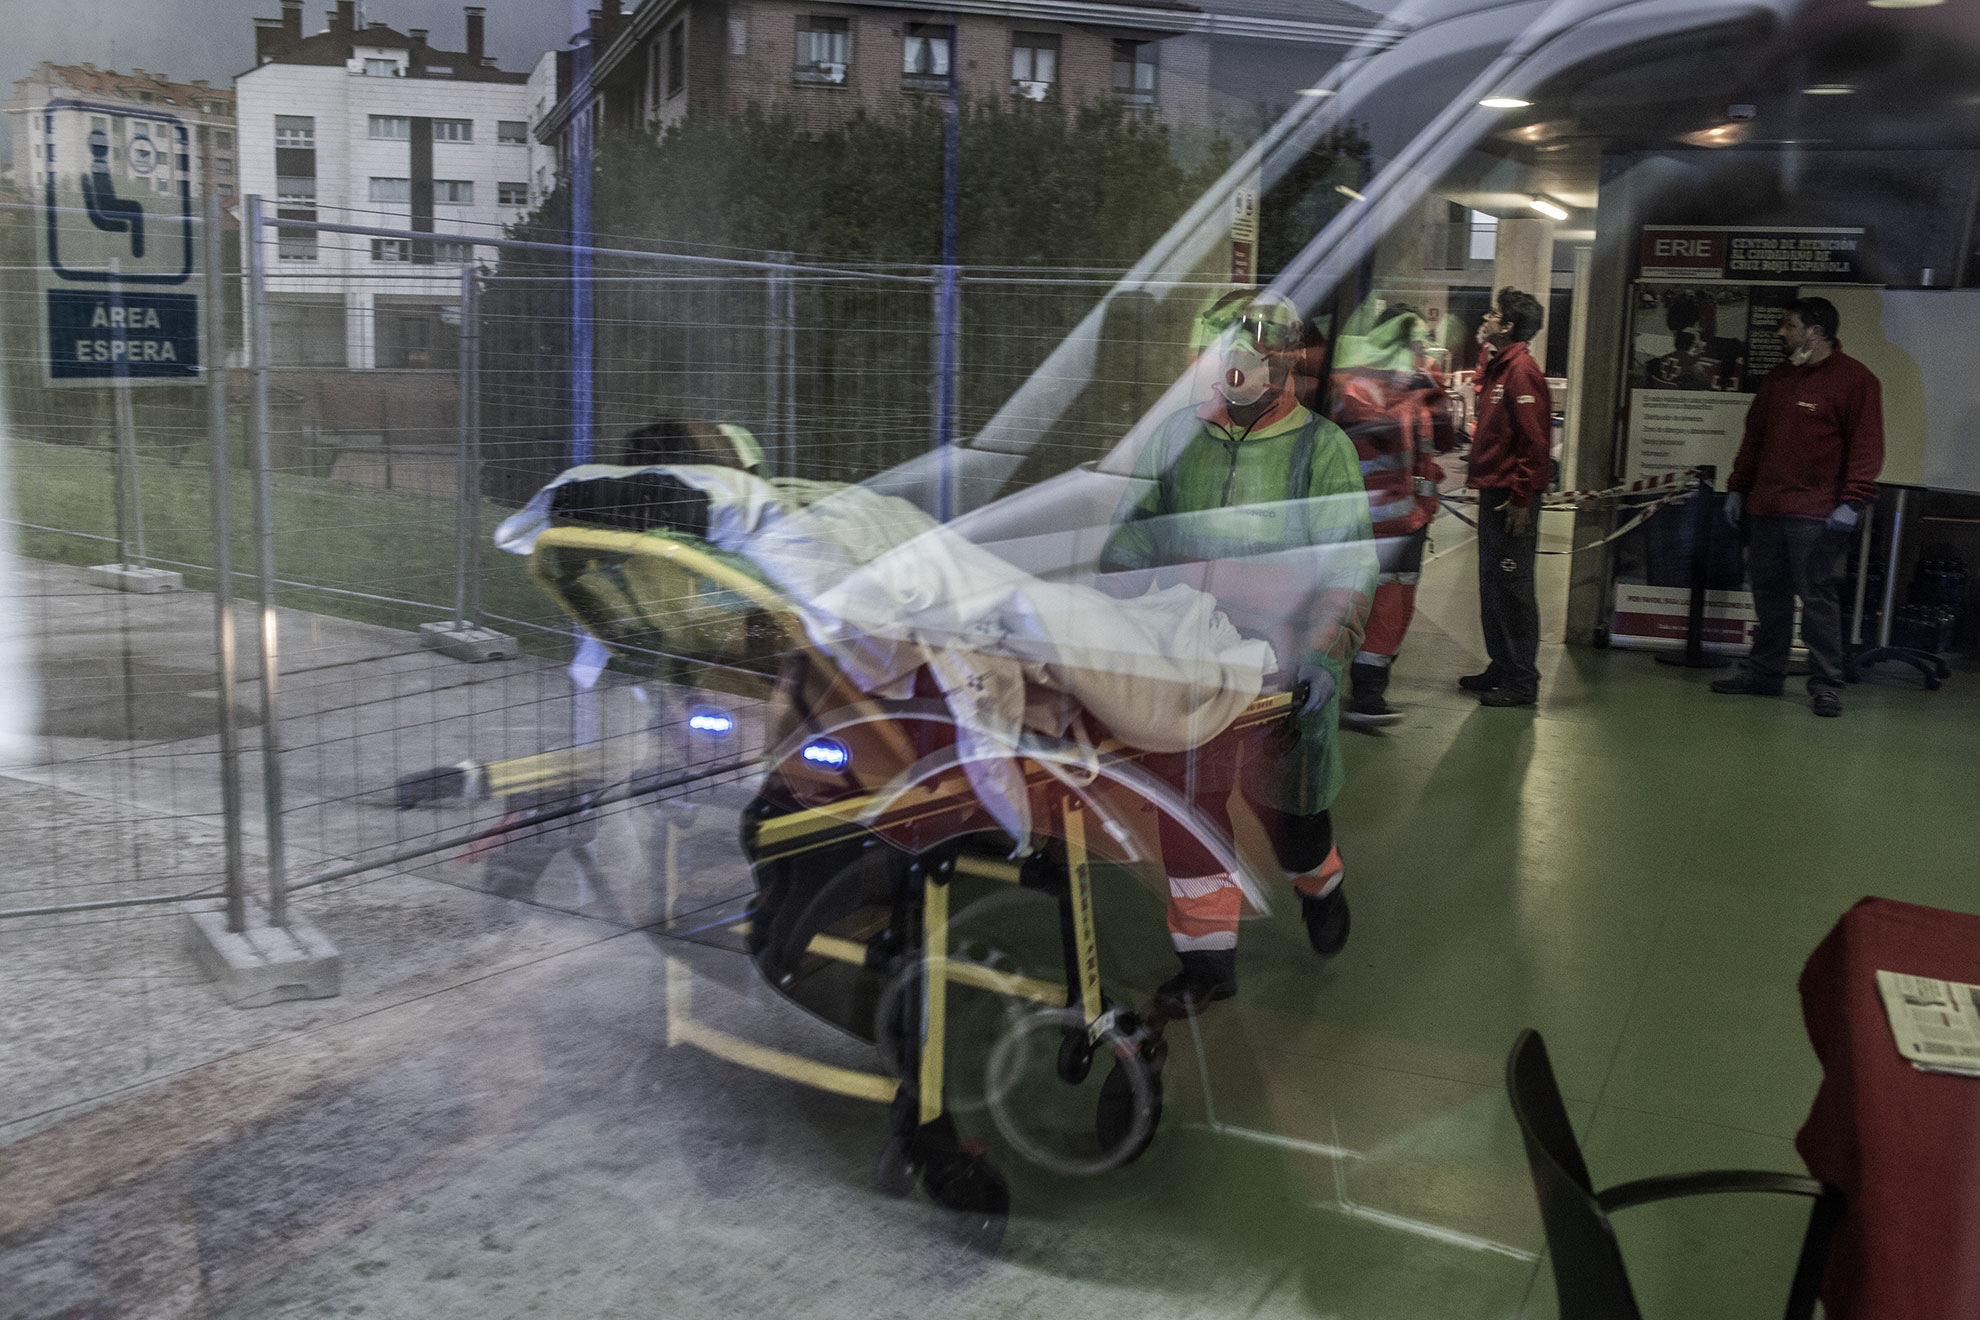 Una mujer sin hogar es llevada a la ambulancia después de presentar una crisis respiratoria con saturación muy baja de oxigeno en un refugio temporal creado por las autoridades locales y la Cruz Roja en Gijón, Asturias.